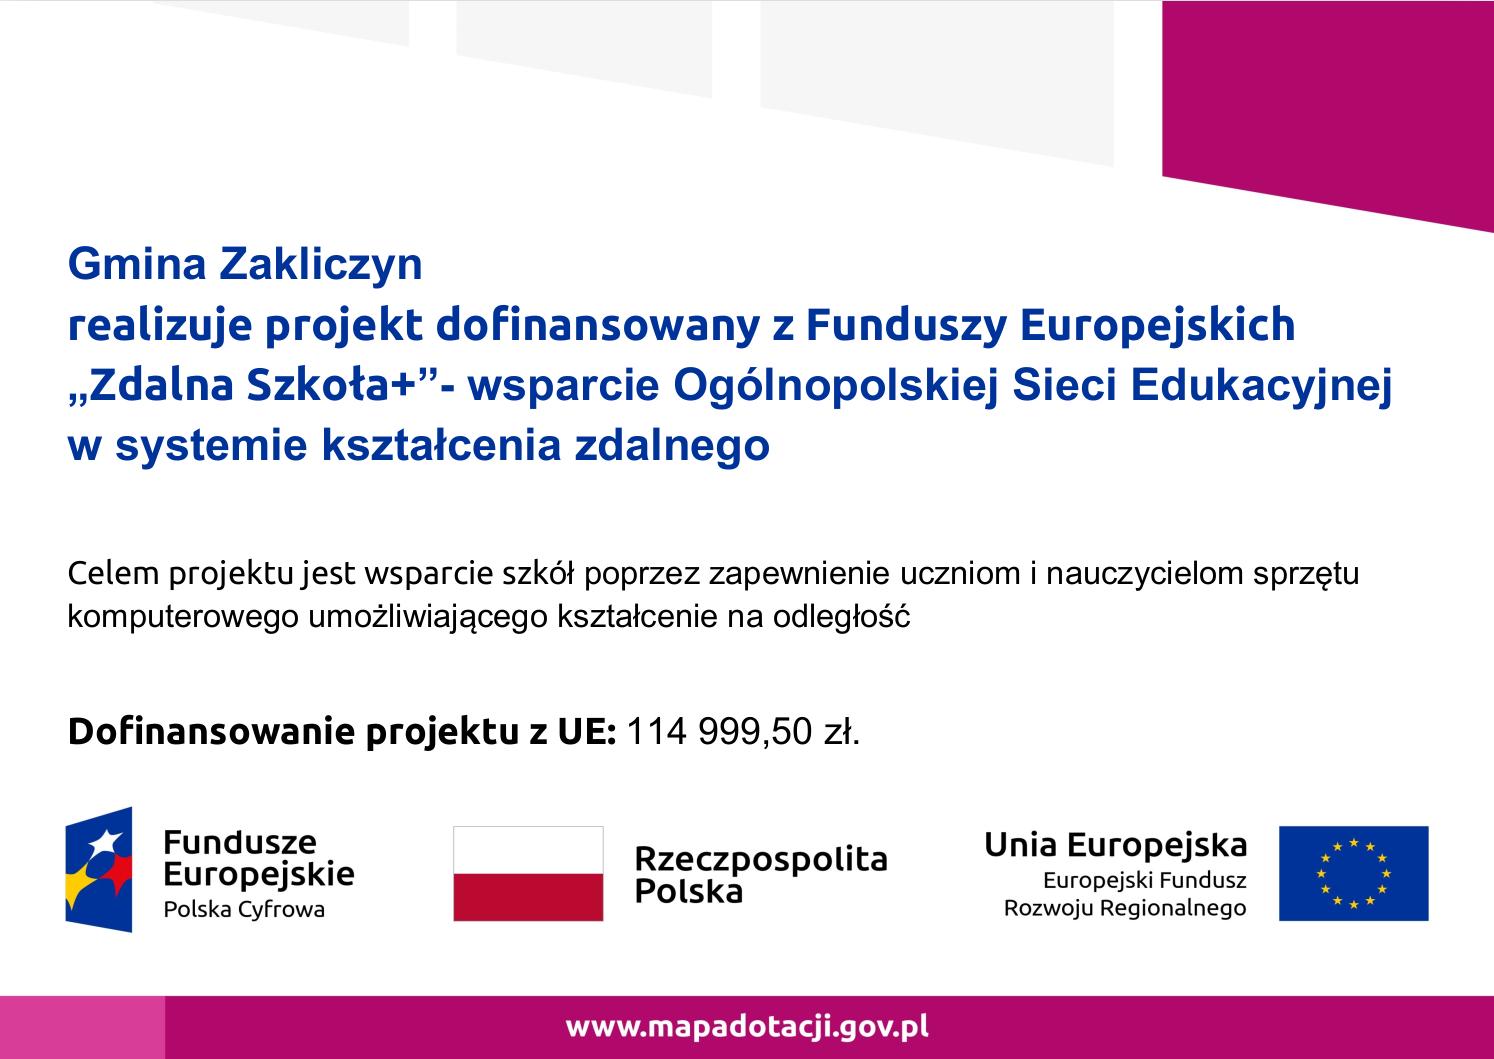 plakat z hasłam - Gmina Zakliczyn realizuje projekt dofinansowany z Funduszy Europejskich Zdalna Szkoła plus